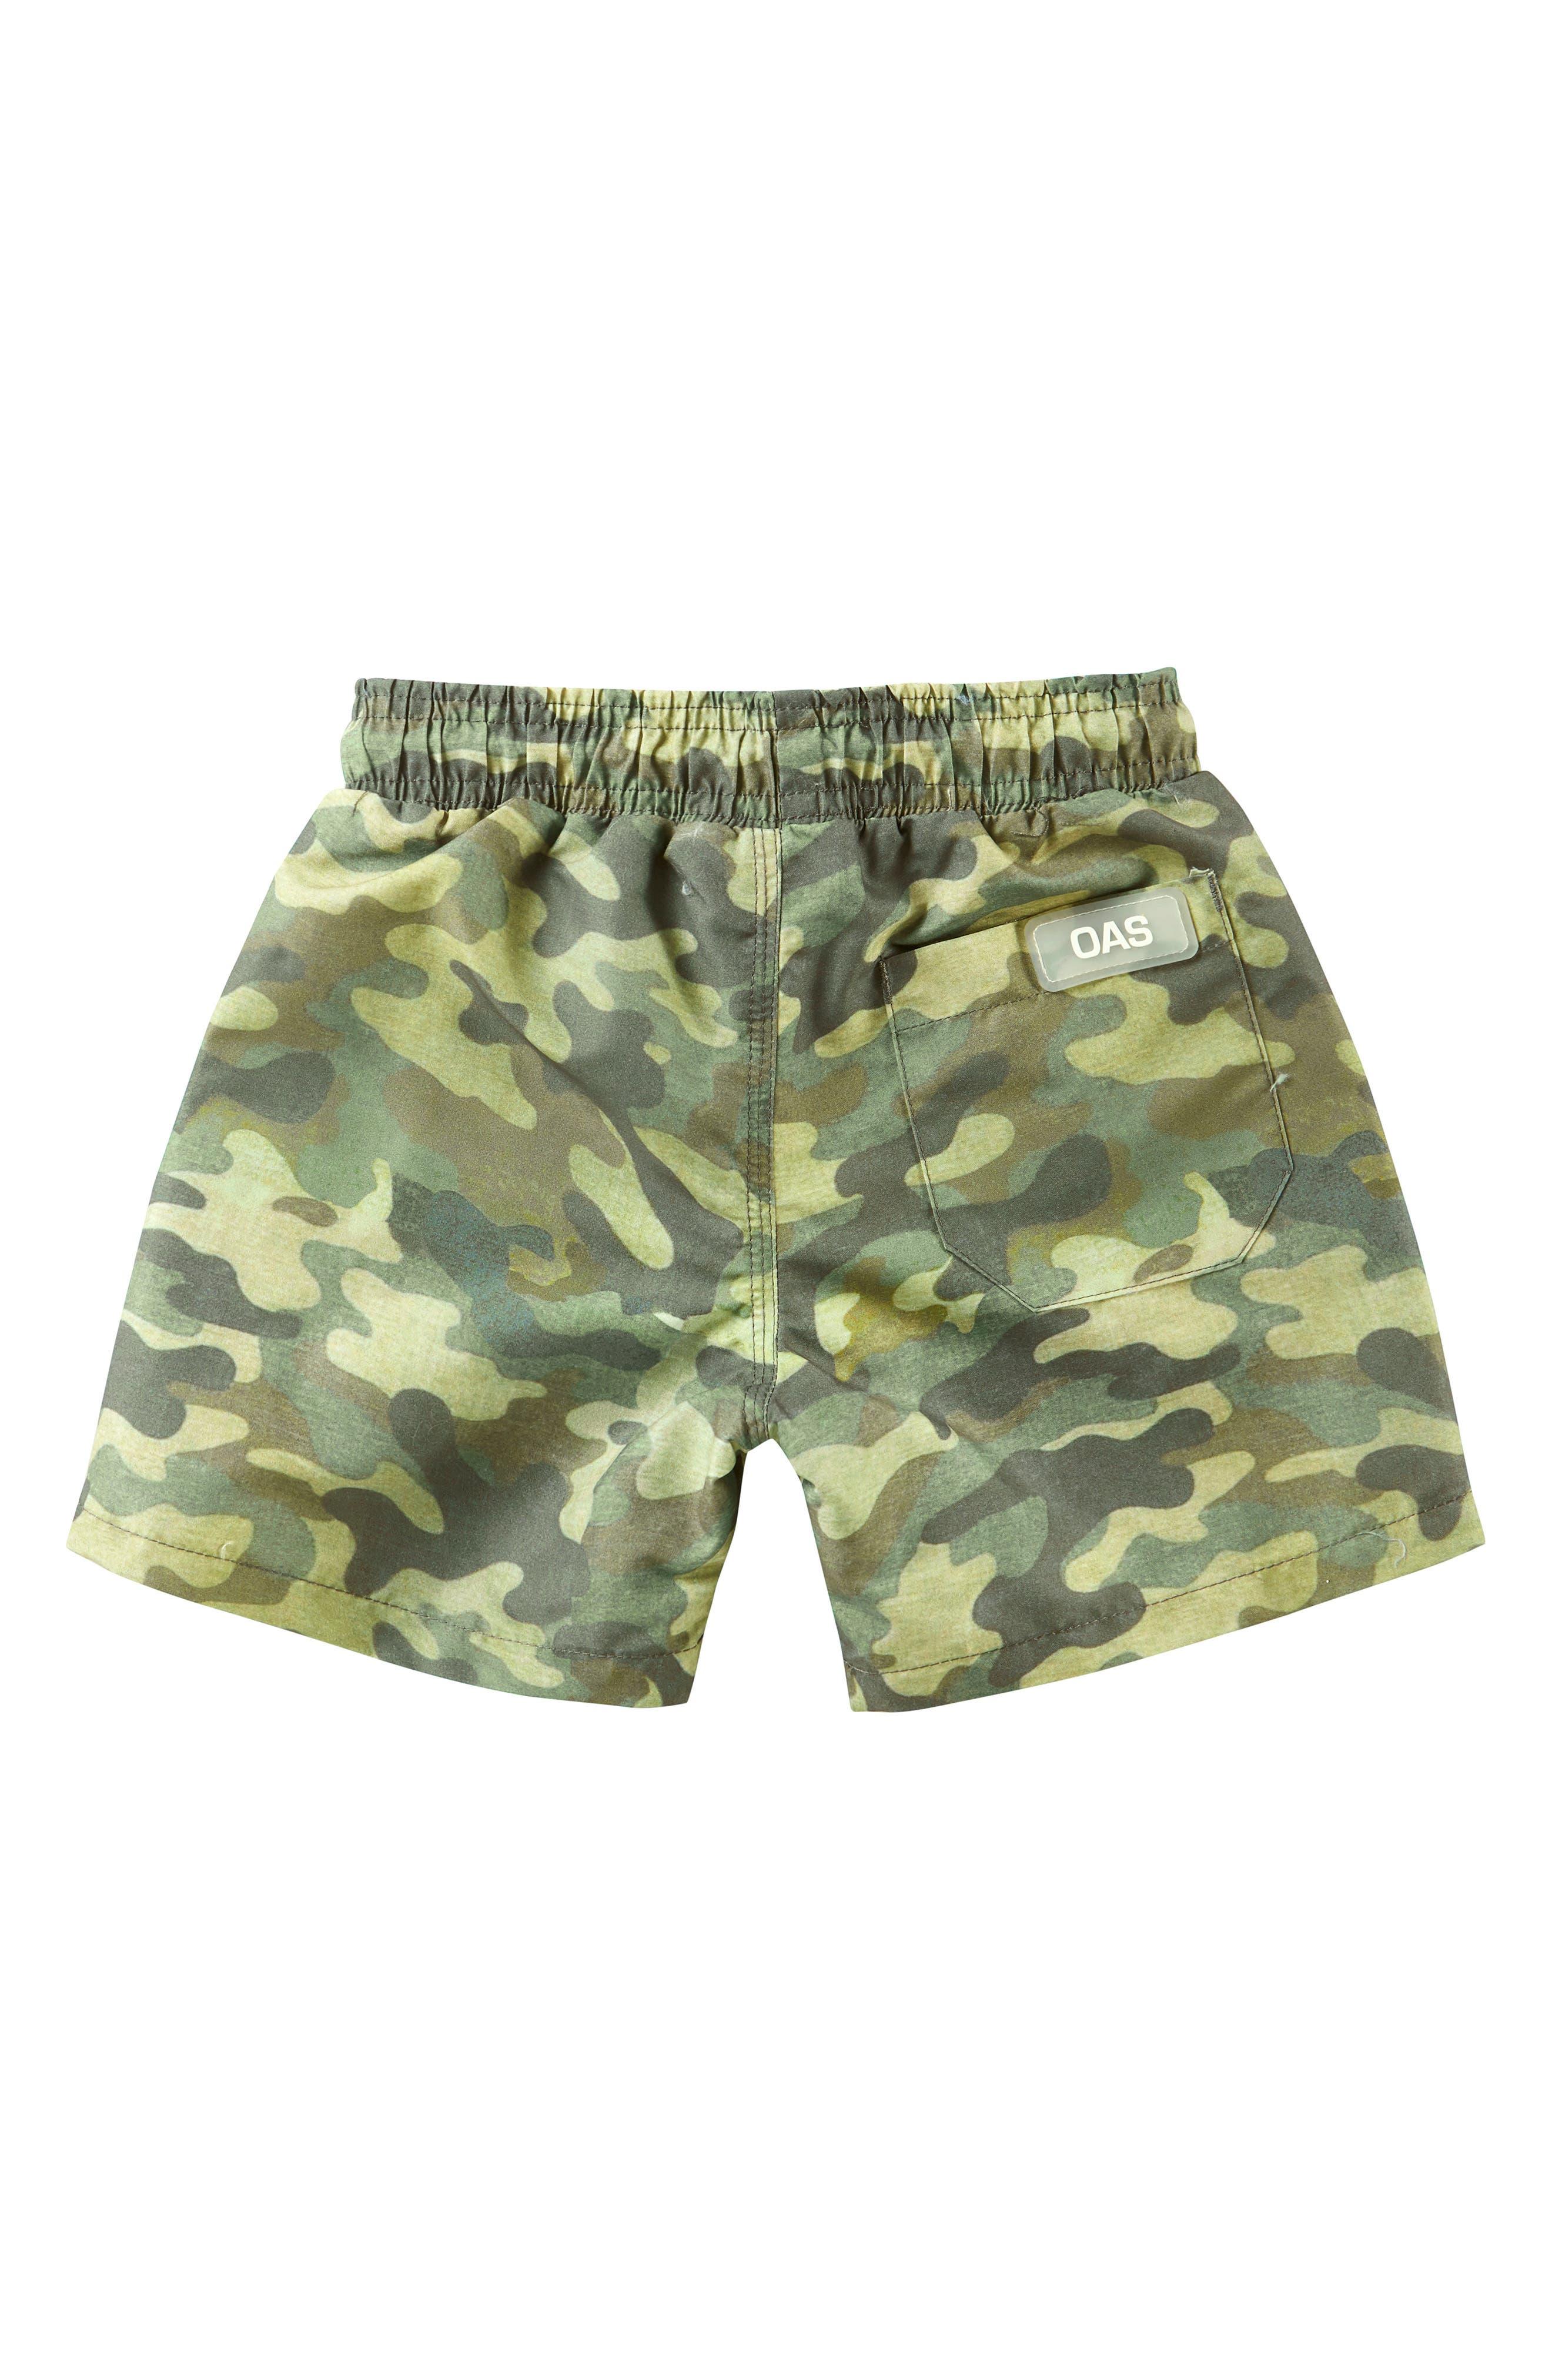 978e4a0c4c camo swim trunks | Nordstrom